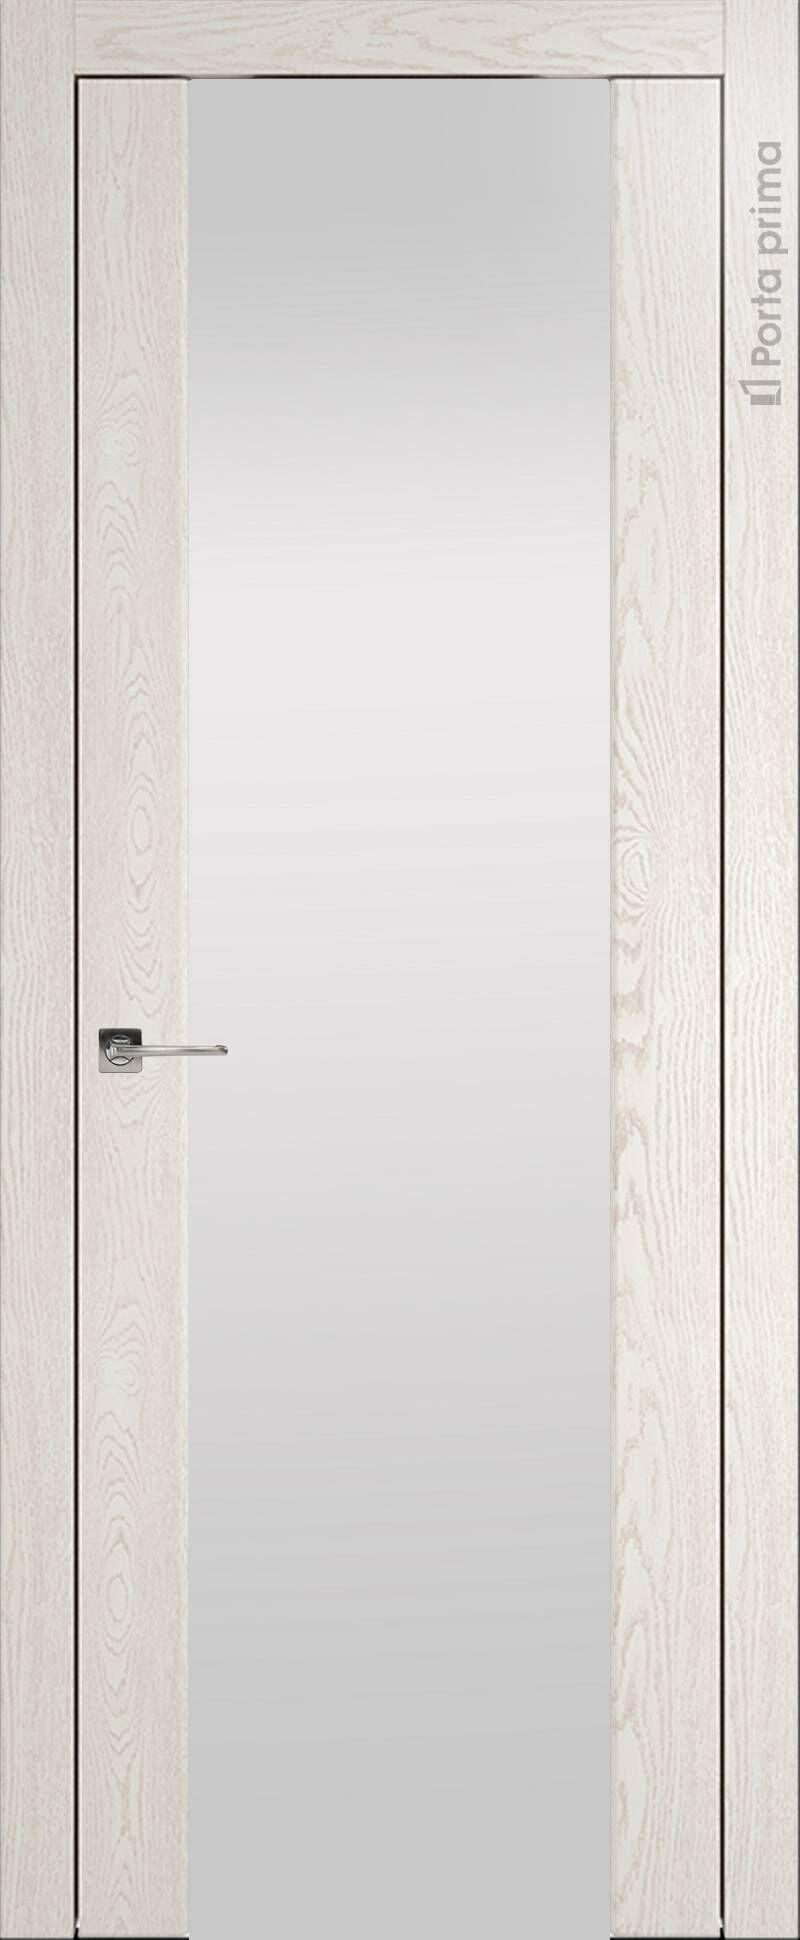 Torino цвет - Белый ясень (nano-flex) Со стеклом (ДО)